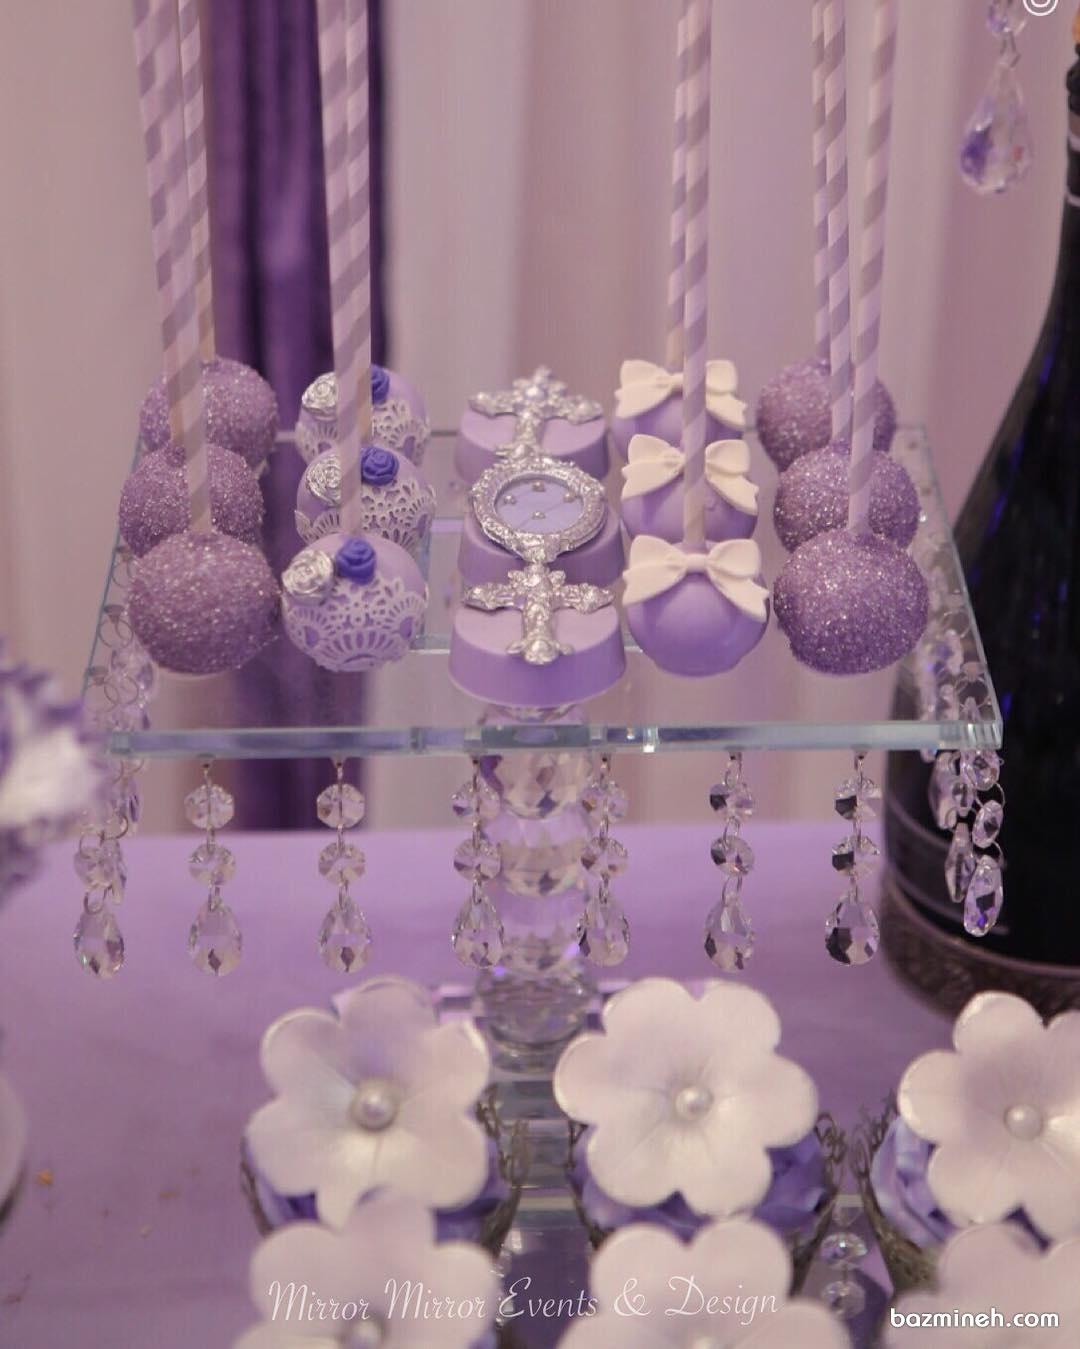 پاپ کیک های بنفش مناسب تولد یا نامزدی با تم بنفش